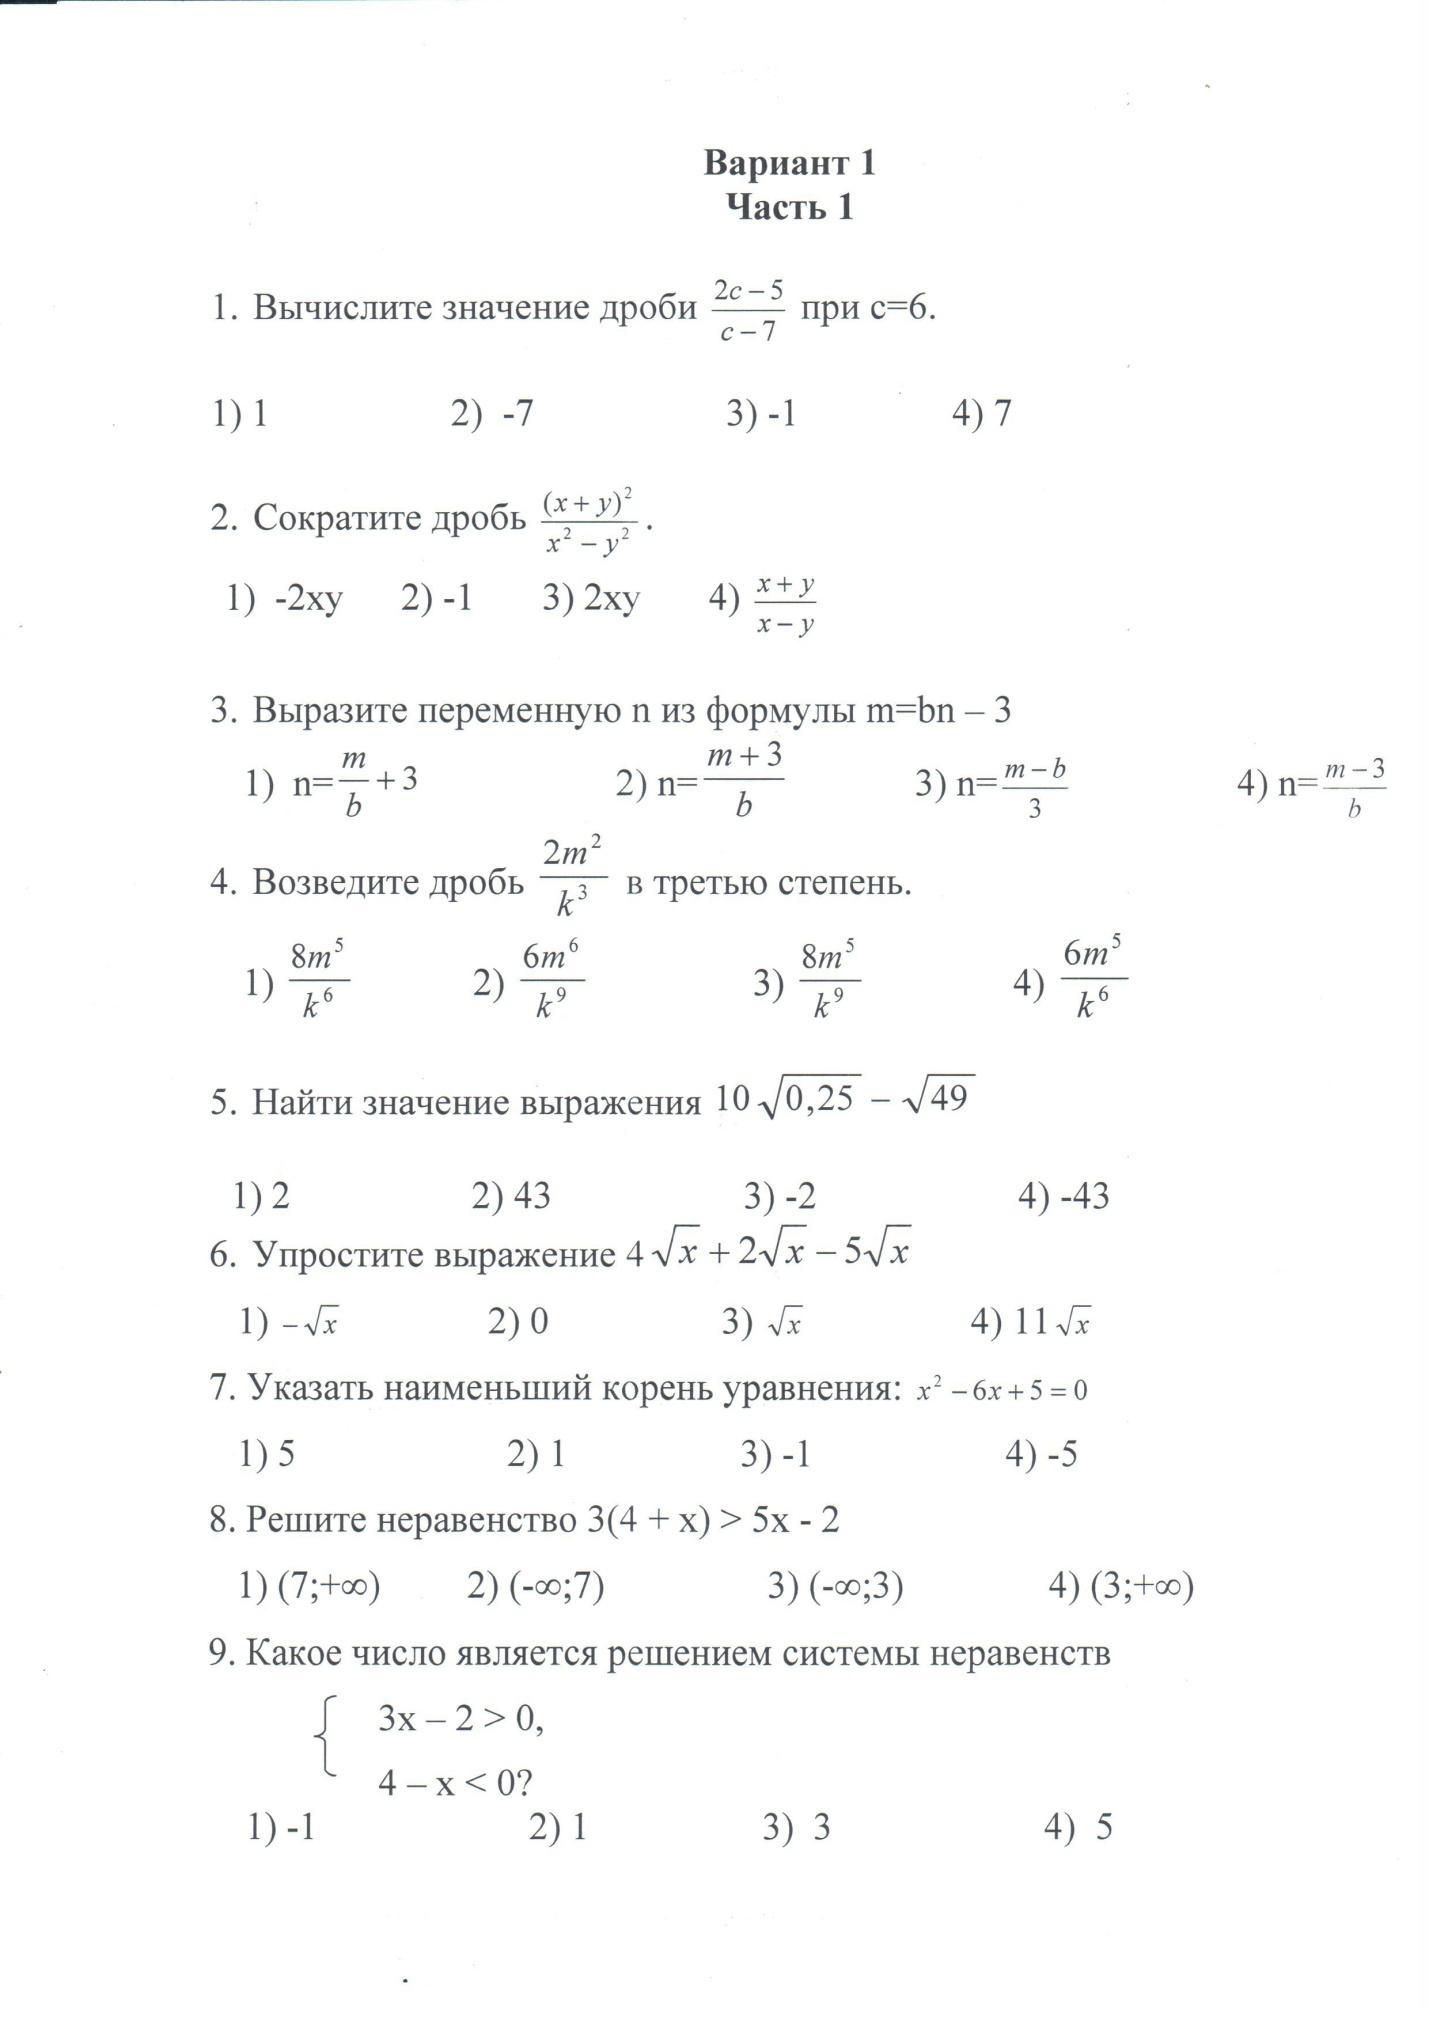 Форма проведения контрольной работы по математике 5675